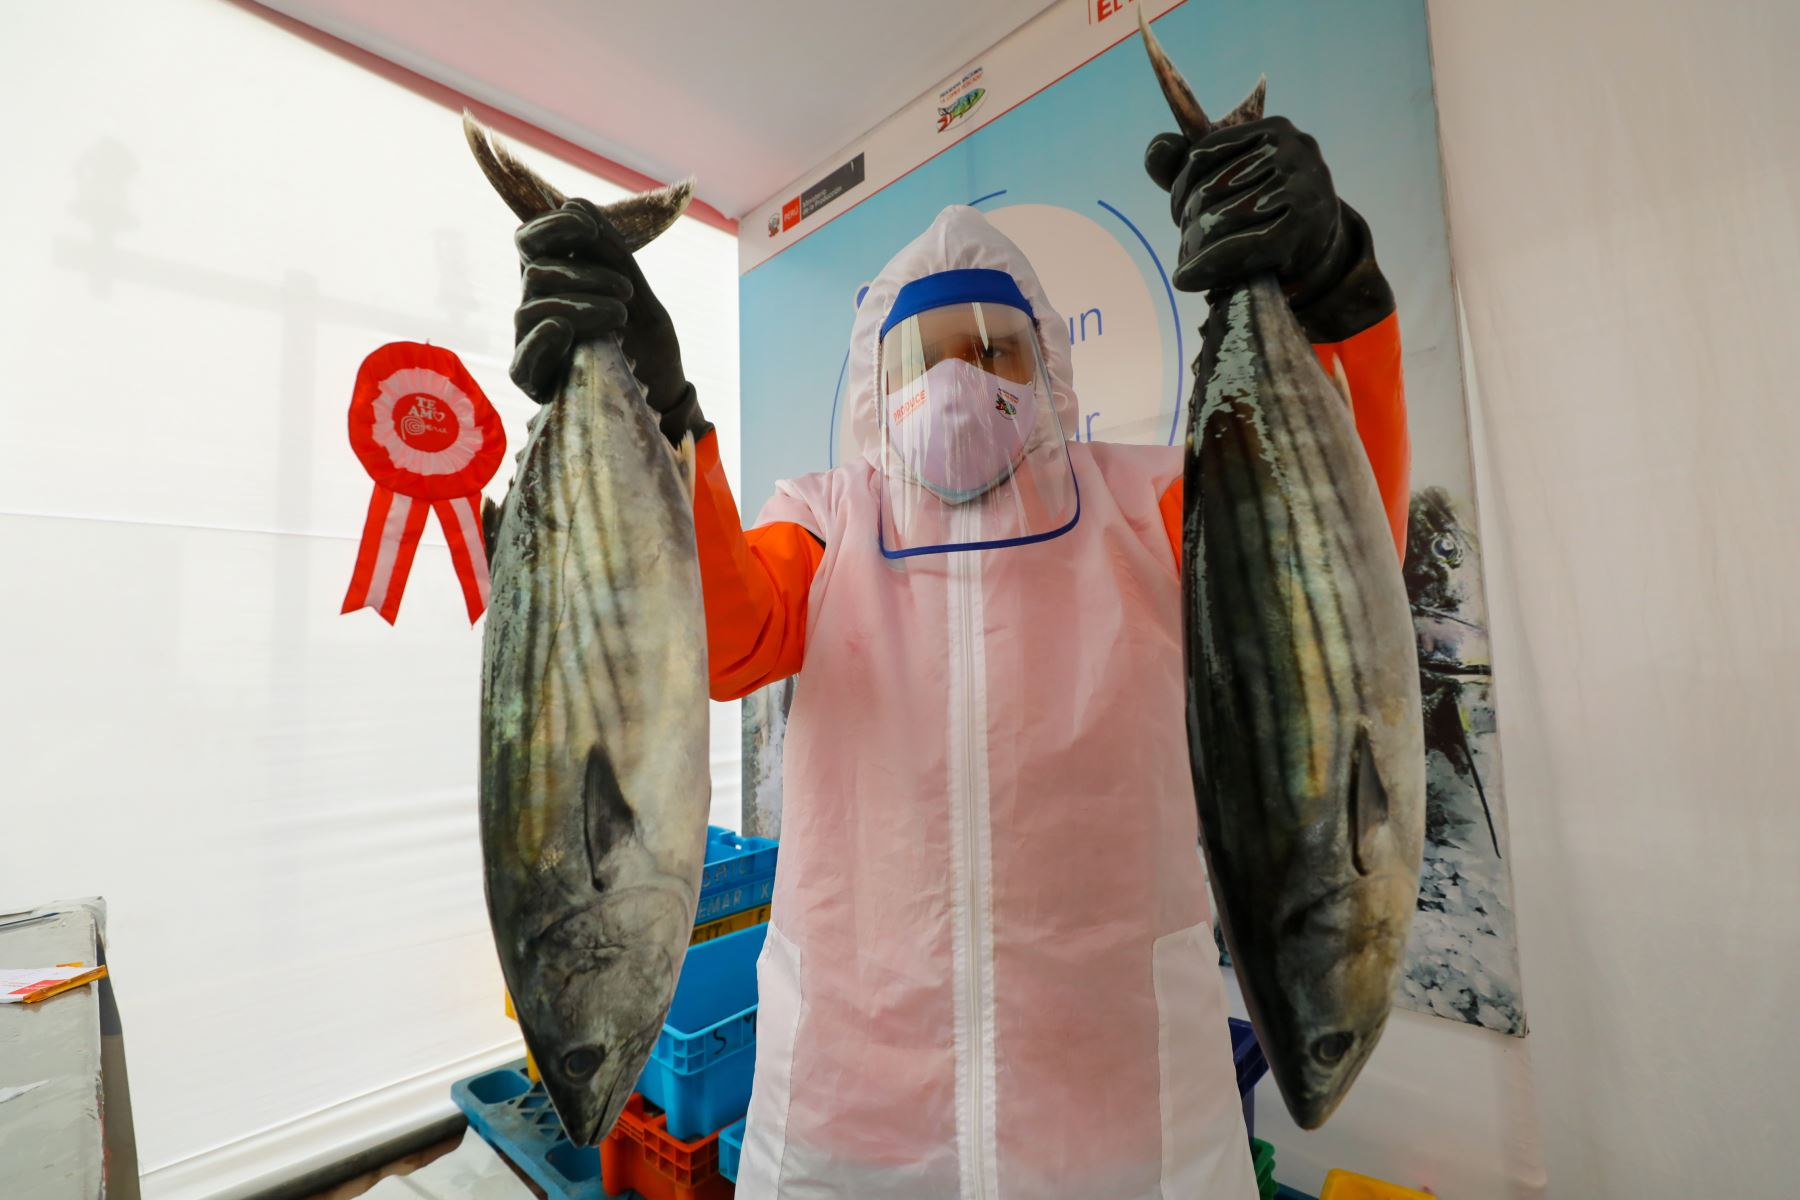 La importancia de consumir pescados azules como anchoveta, caballa, atún o jurel, entre otros del biodiverso mar peruano, se encuentra en la alta cantidad de nutrientes como la vitamina D que aportan en una dieta balanceada para robustecer el sistema inmune frente a amenazas como el coronavirus y otras enfermedades. ANDINA/Difusión